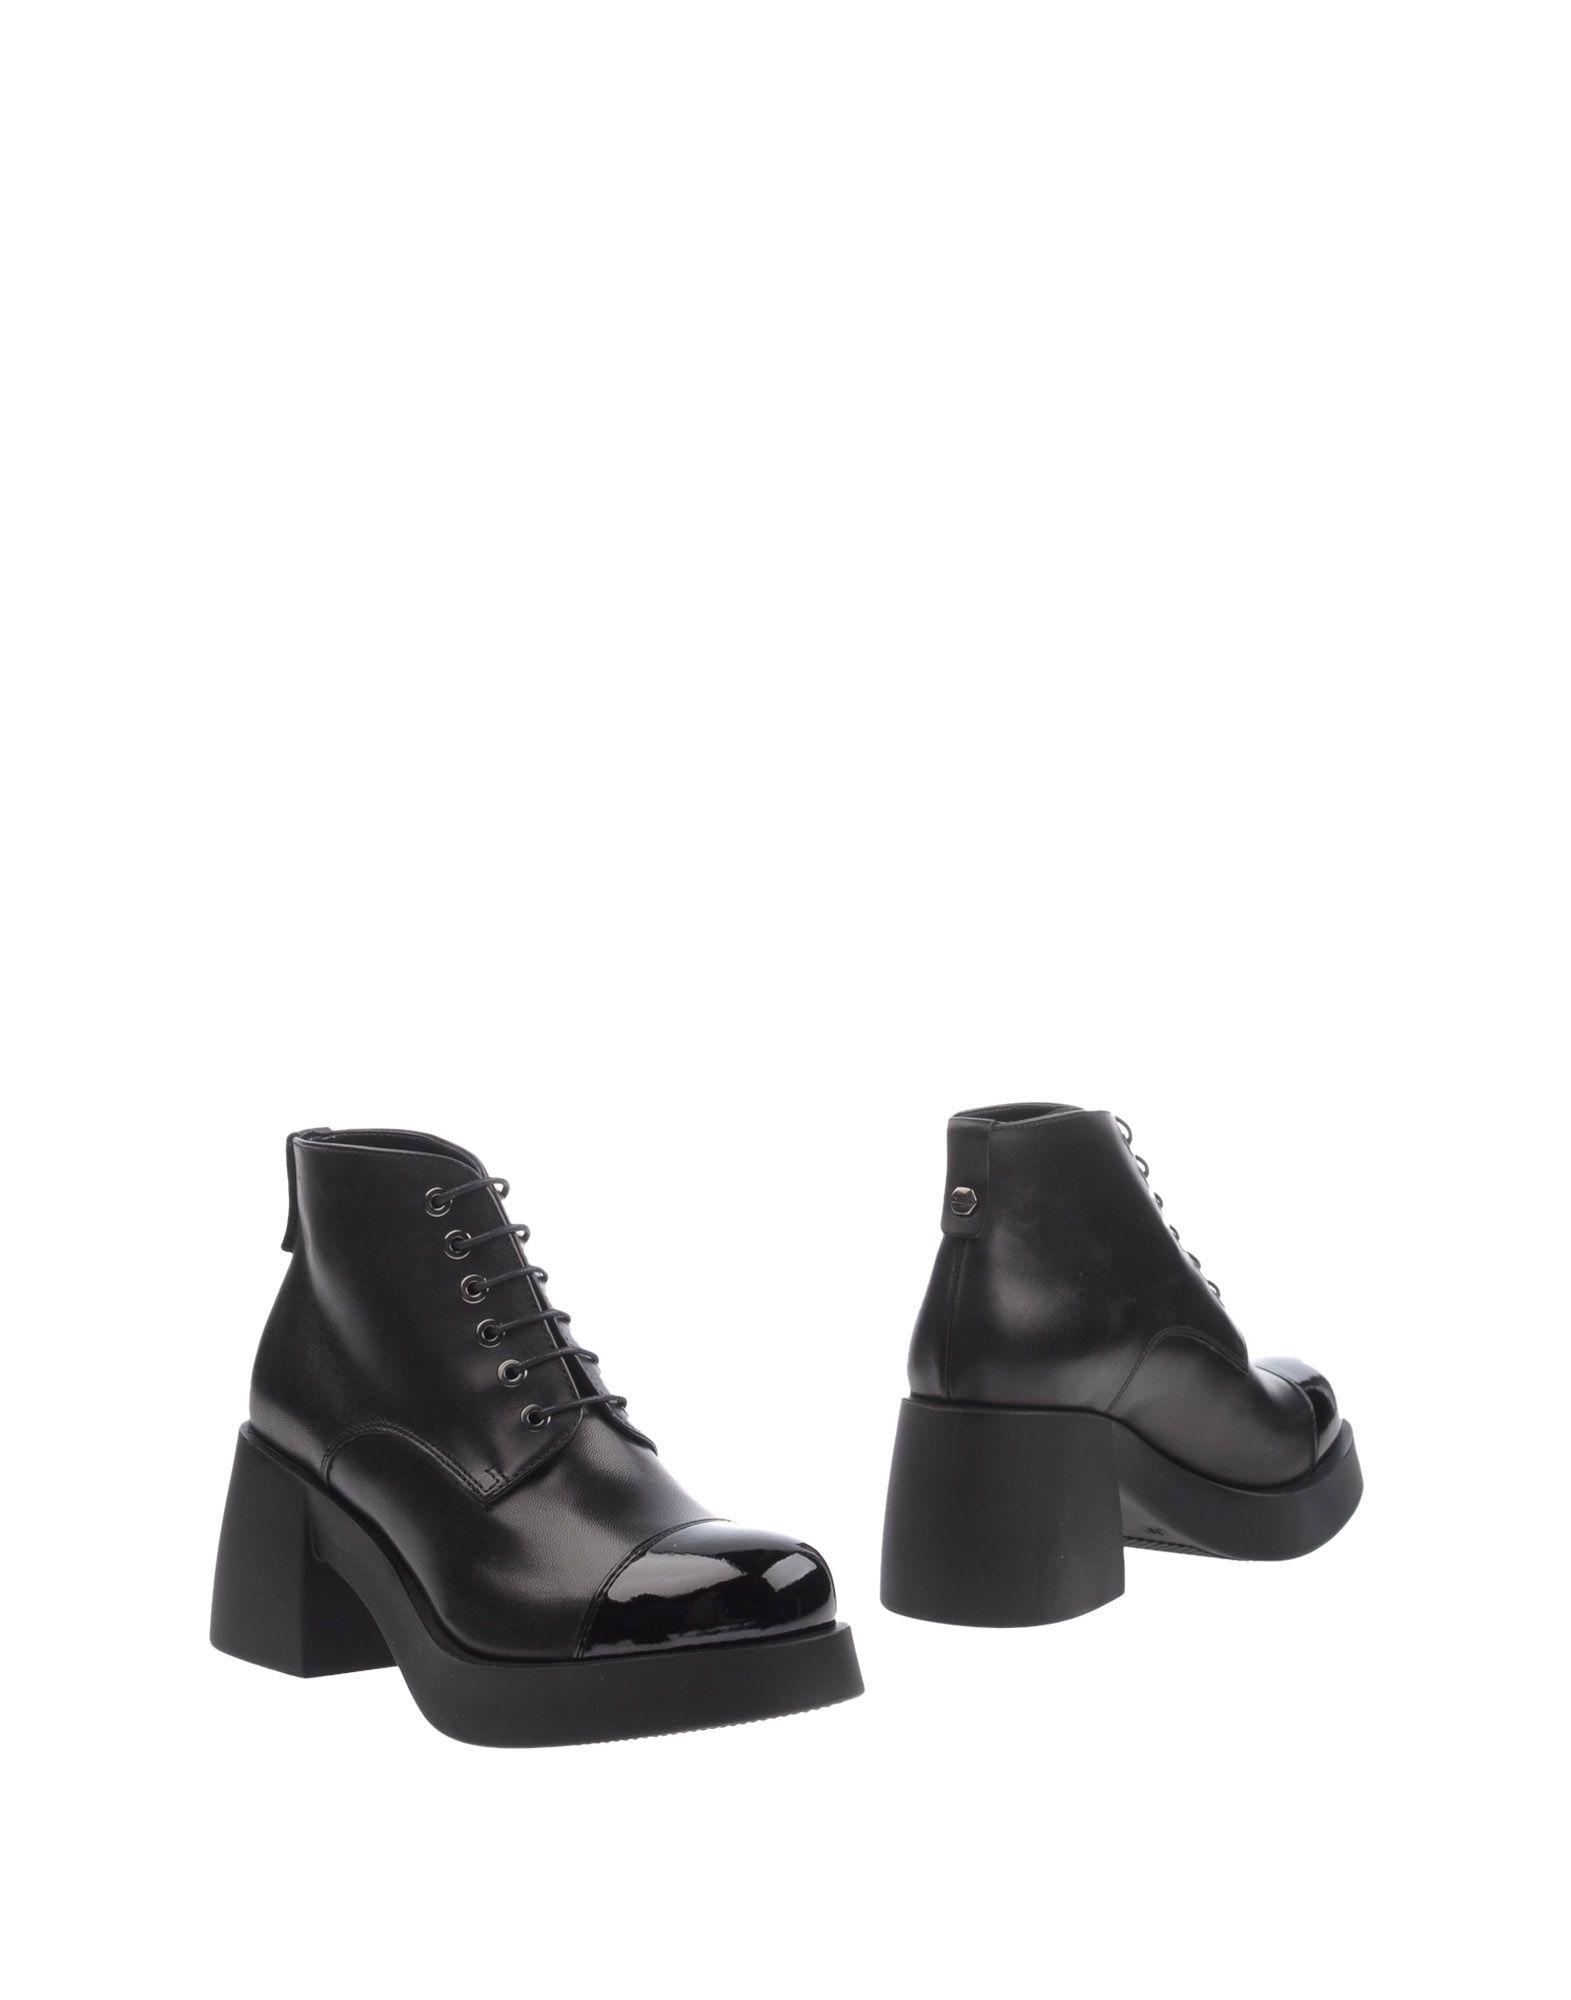 《送料無料》CULT レディース ショートブーツ ブラック 37 革 / 紡績繊維